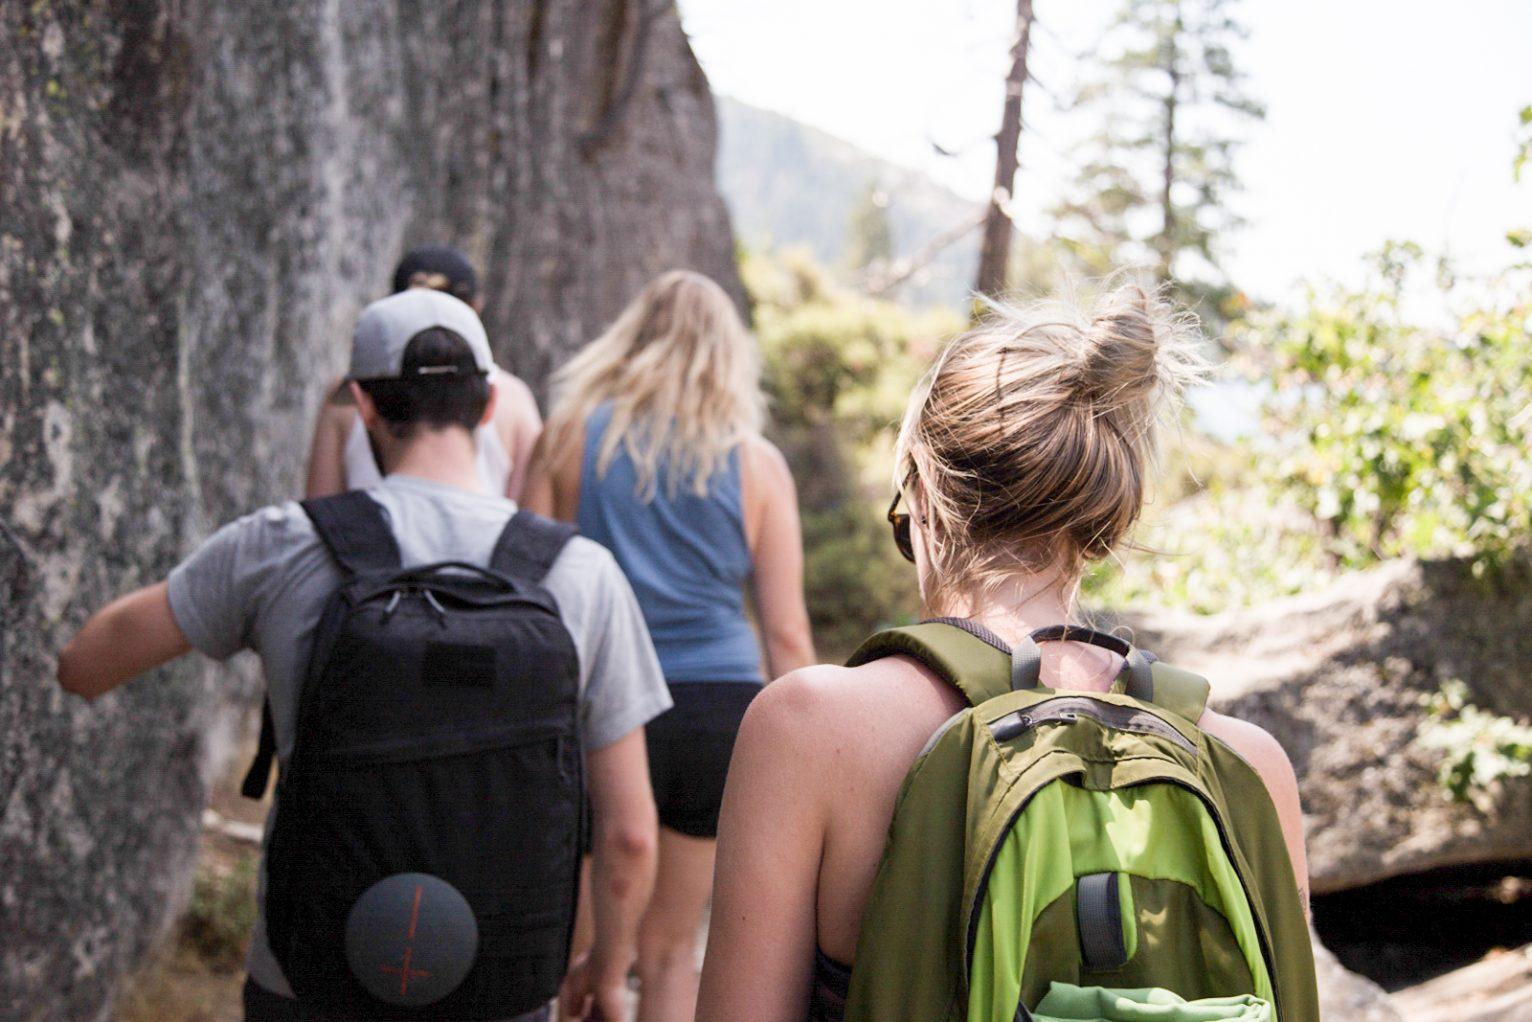 Ashley Rodseth hiking